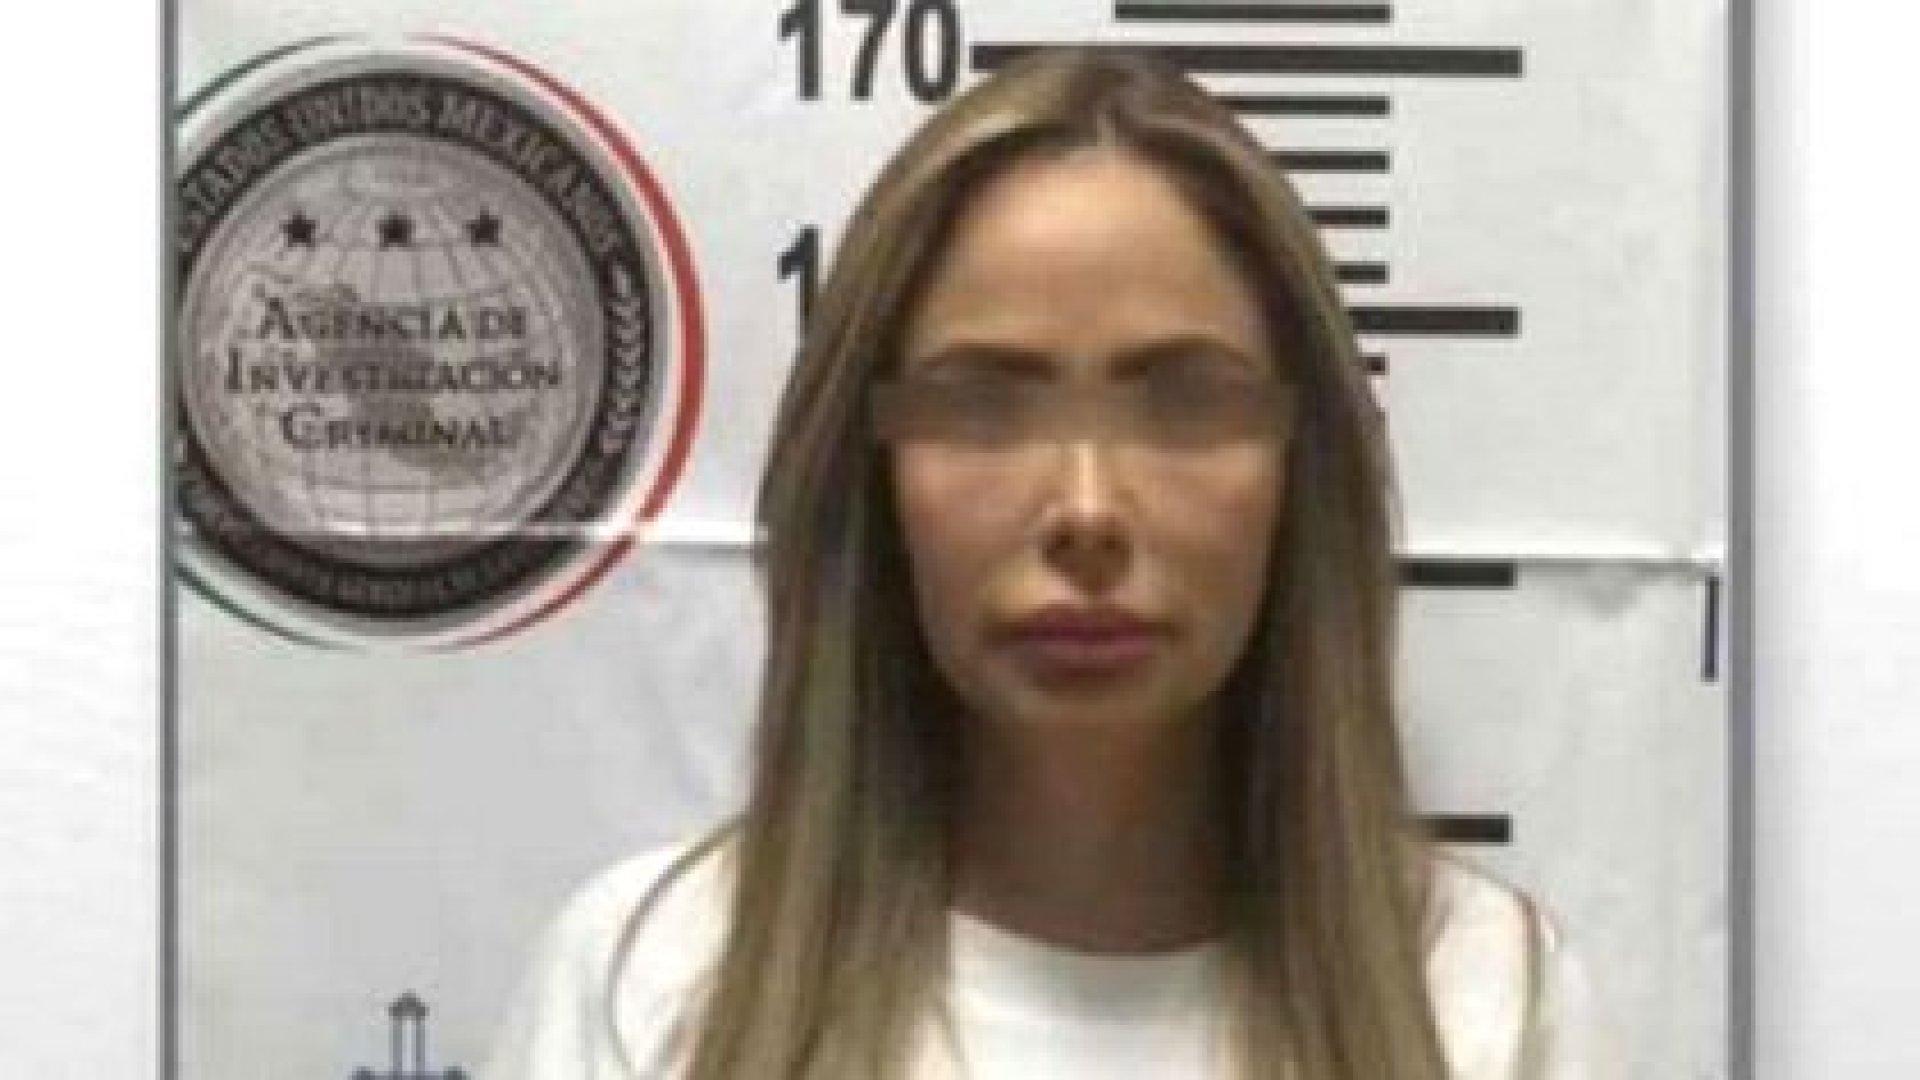 La ficha carcelaria de la mujer en México que provocó comentarios por sus rasgos perfectos. (Foto: PGR)